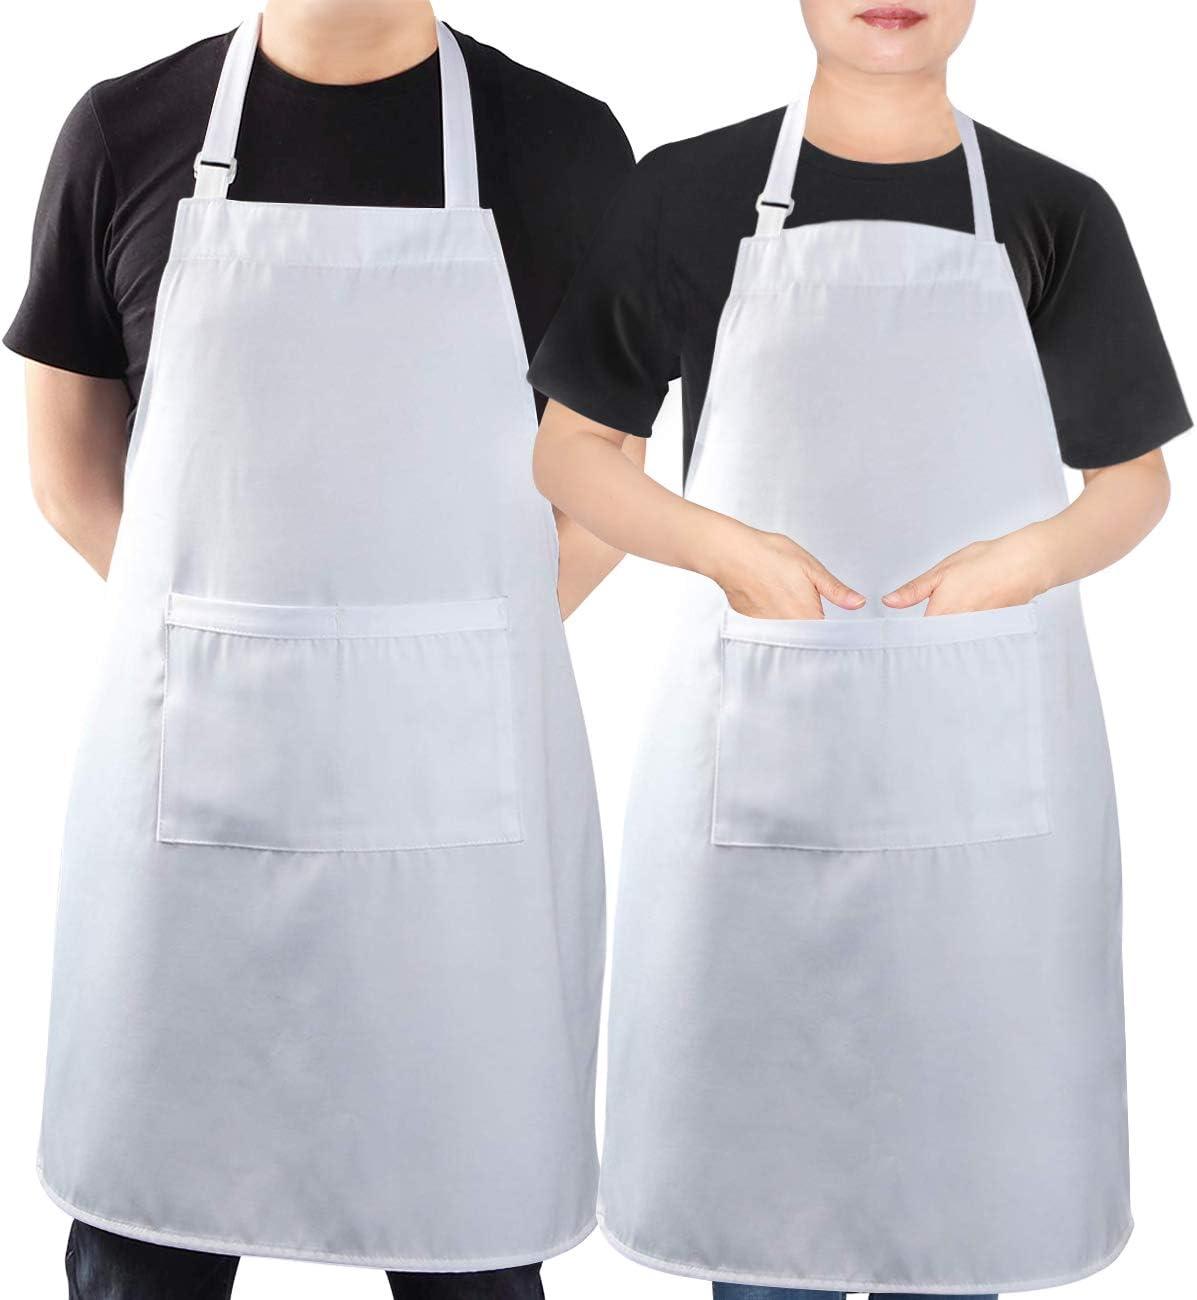 Children/'s Apron Kitchen Apron Chef Apron Baker/'s Apron |